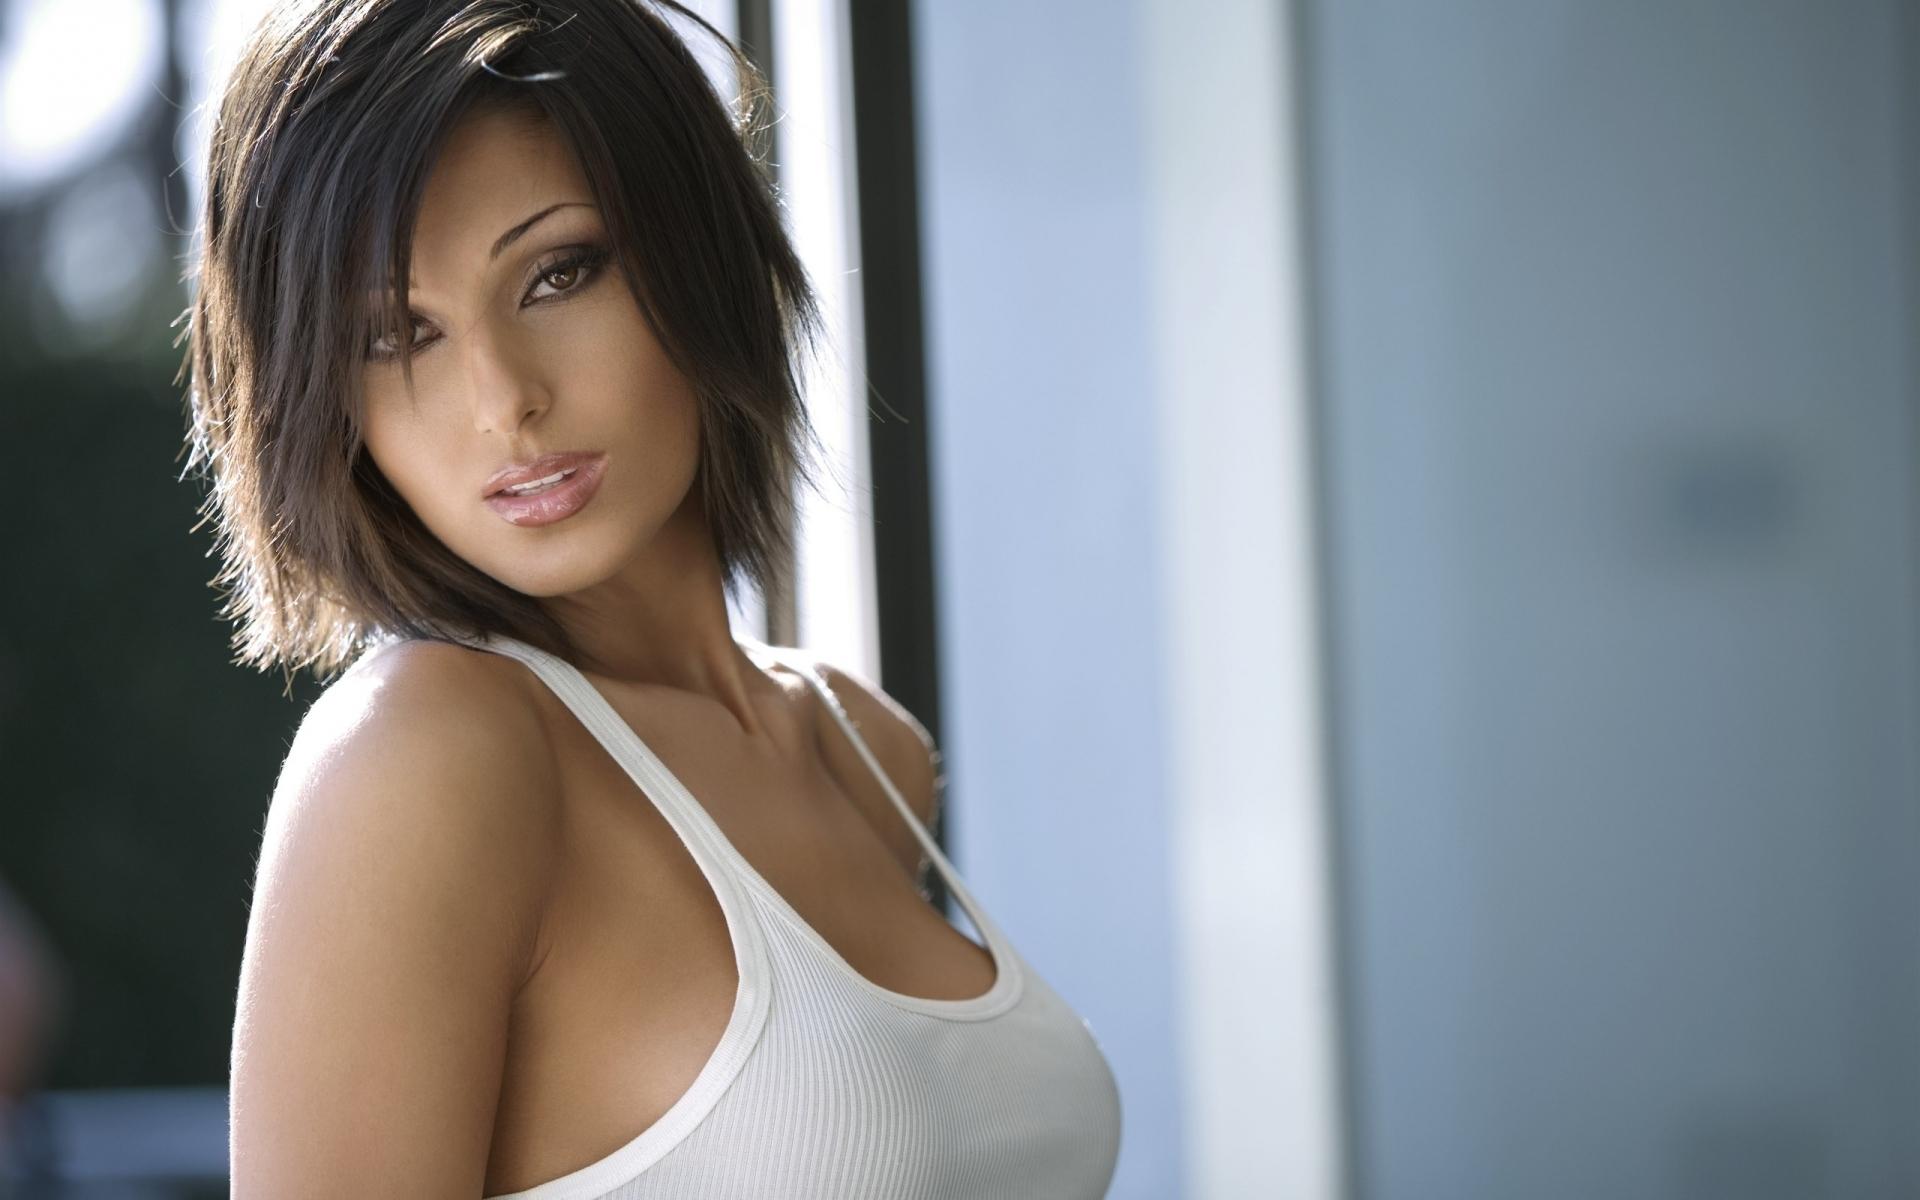 Телочки с волосами, Волосатые киски - Смотреть порно онлайн, секс видео 11 фотография